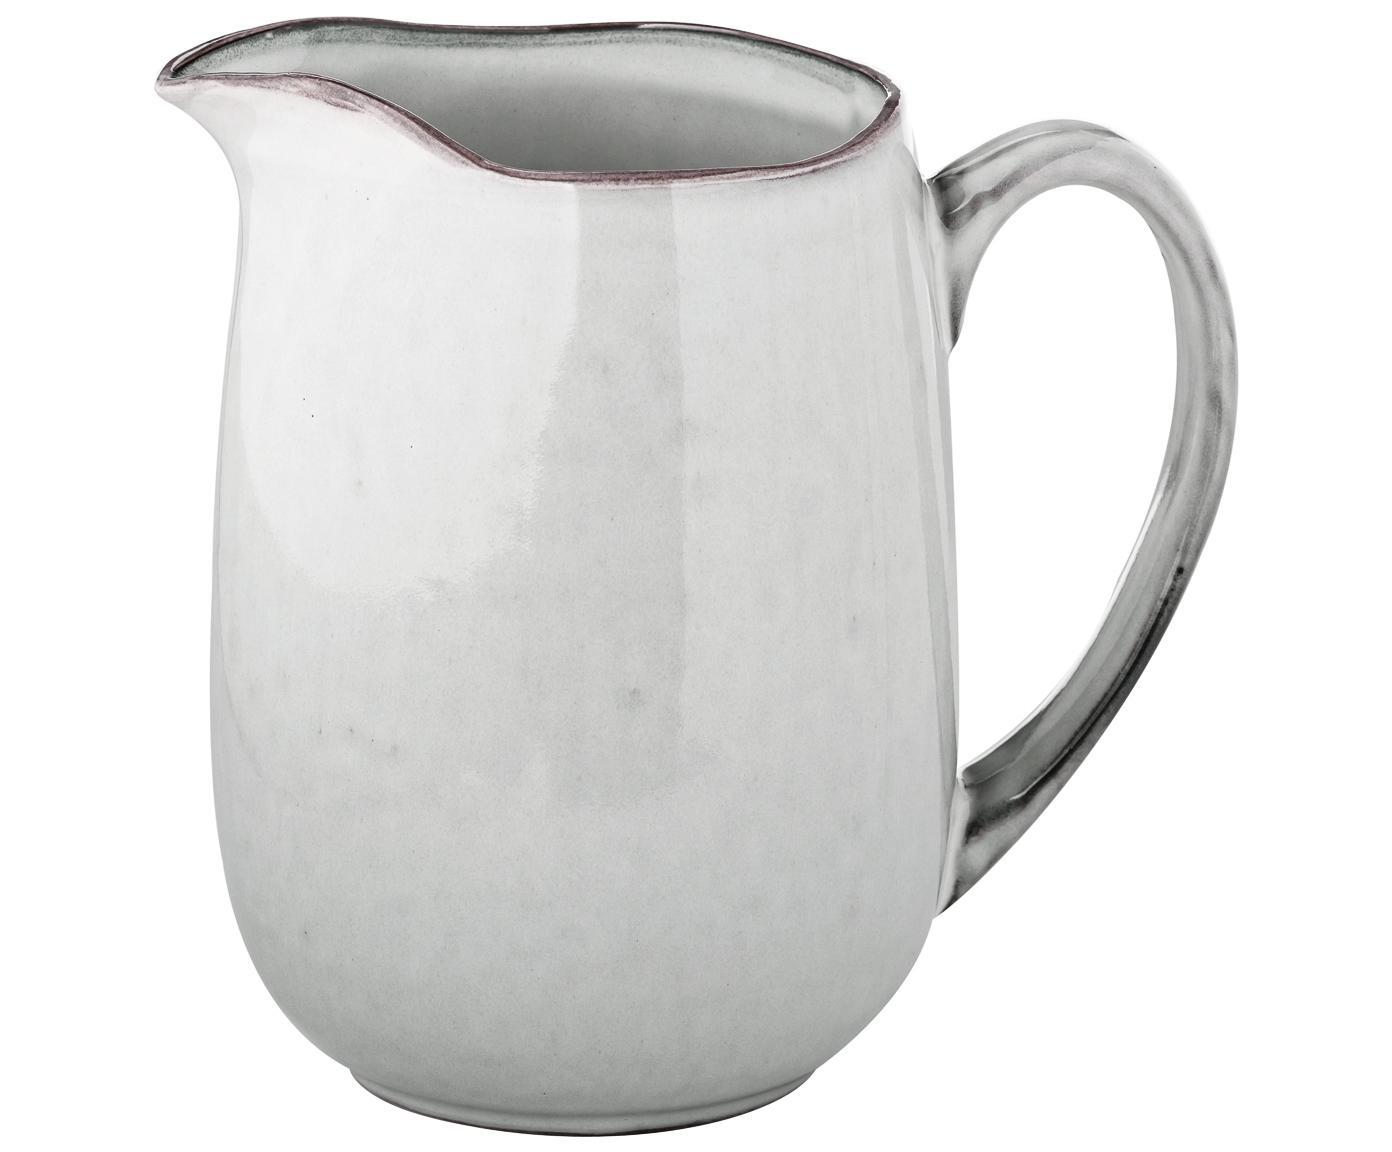 Handgemachter Milchkrug Nordic Sand aus Steingut, Steingut, Sand, 17 x 16 cm